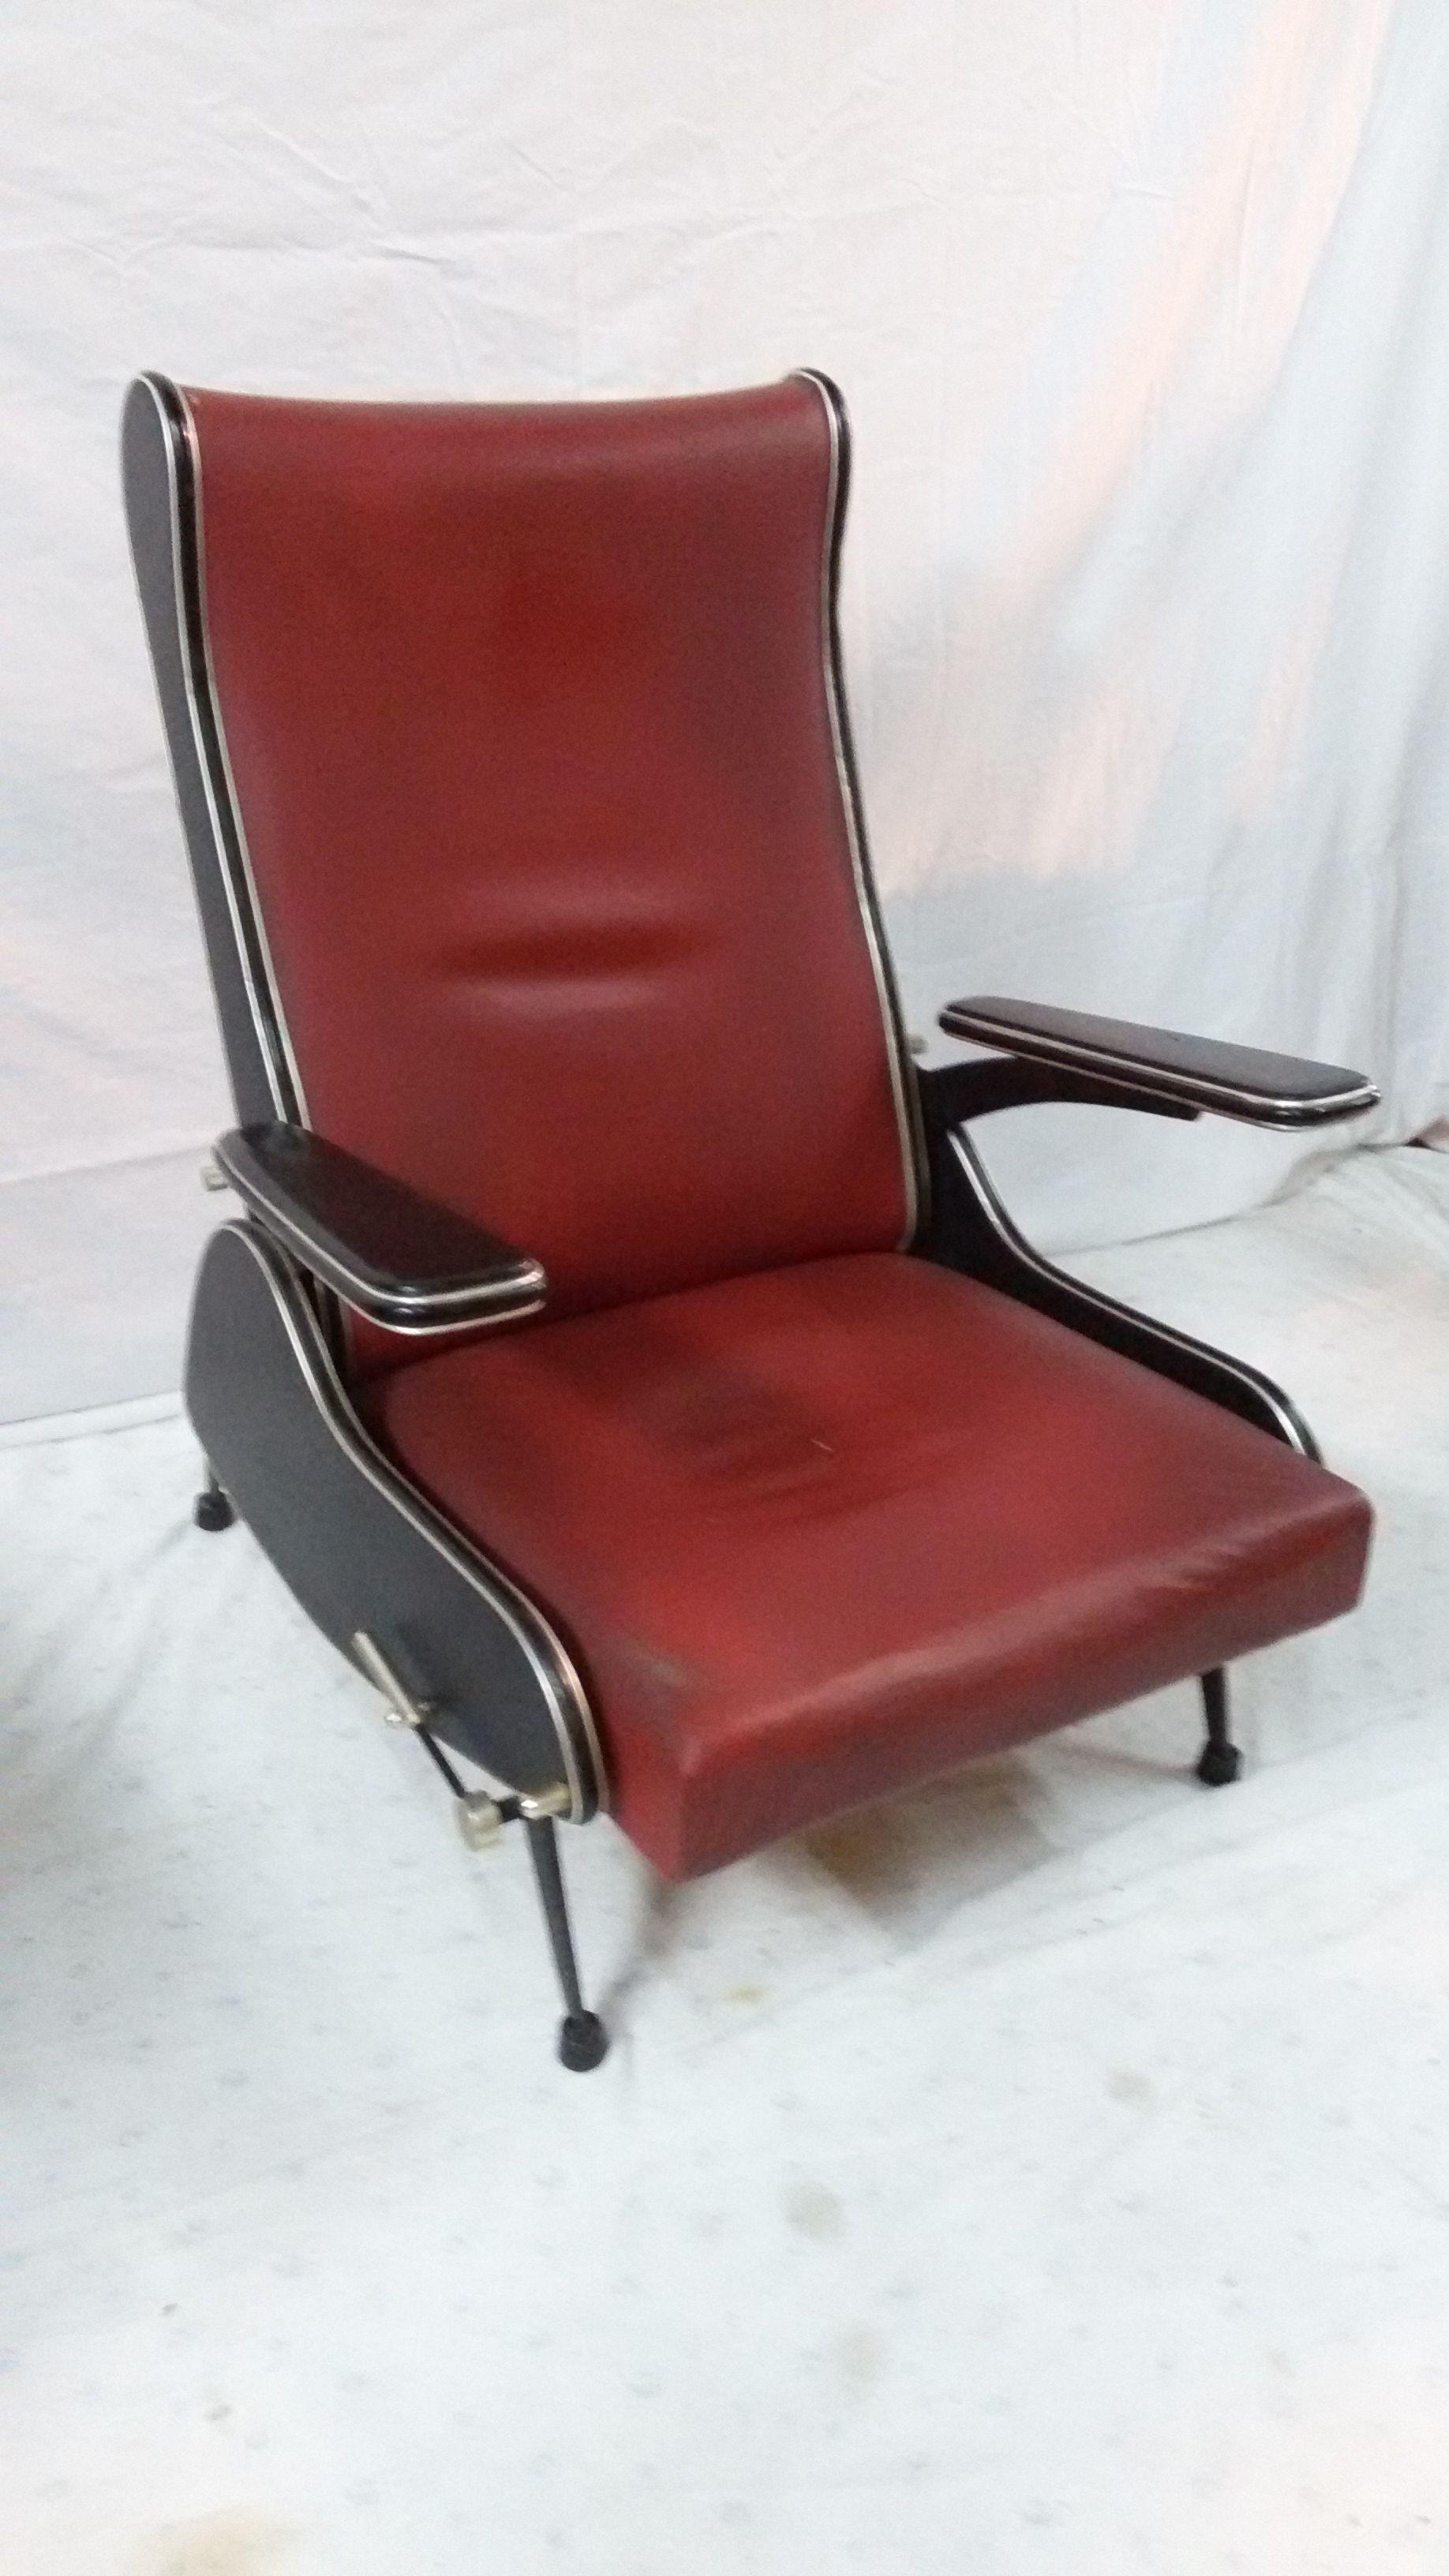 poltrona Armchair reclinabile style Marco Zanuso ANNI 60